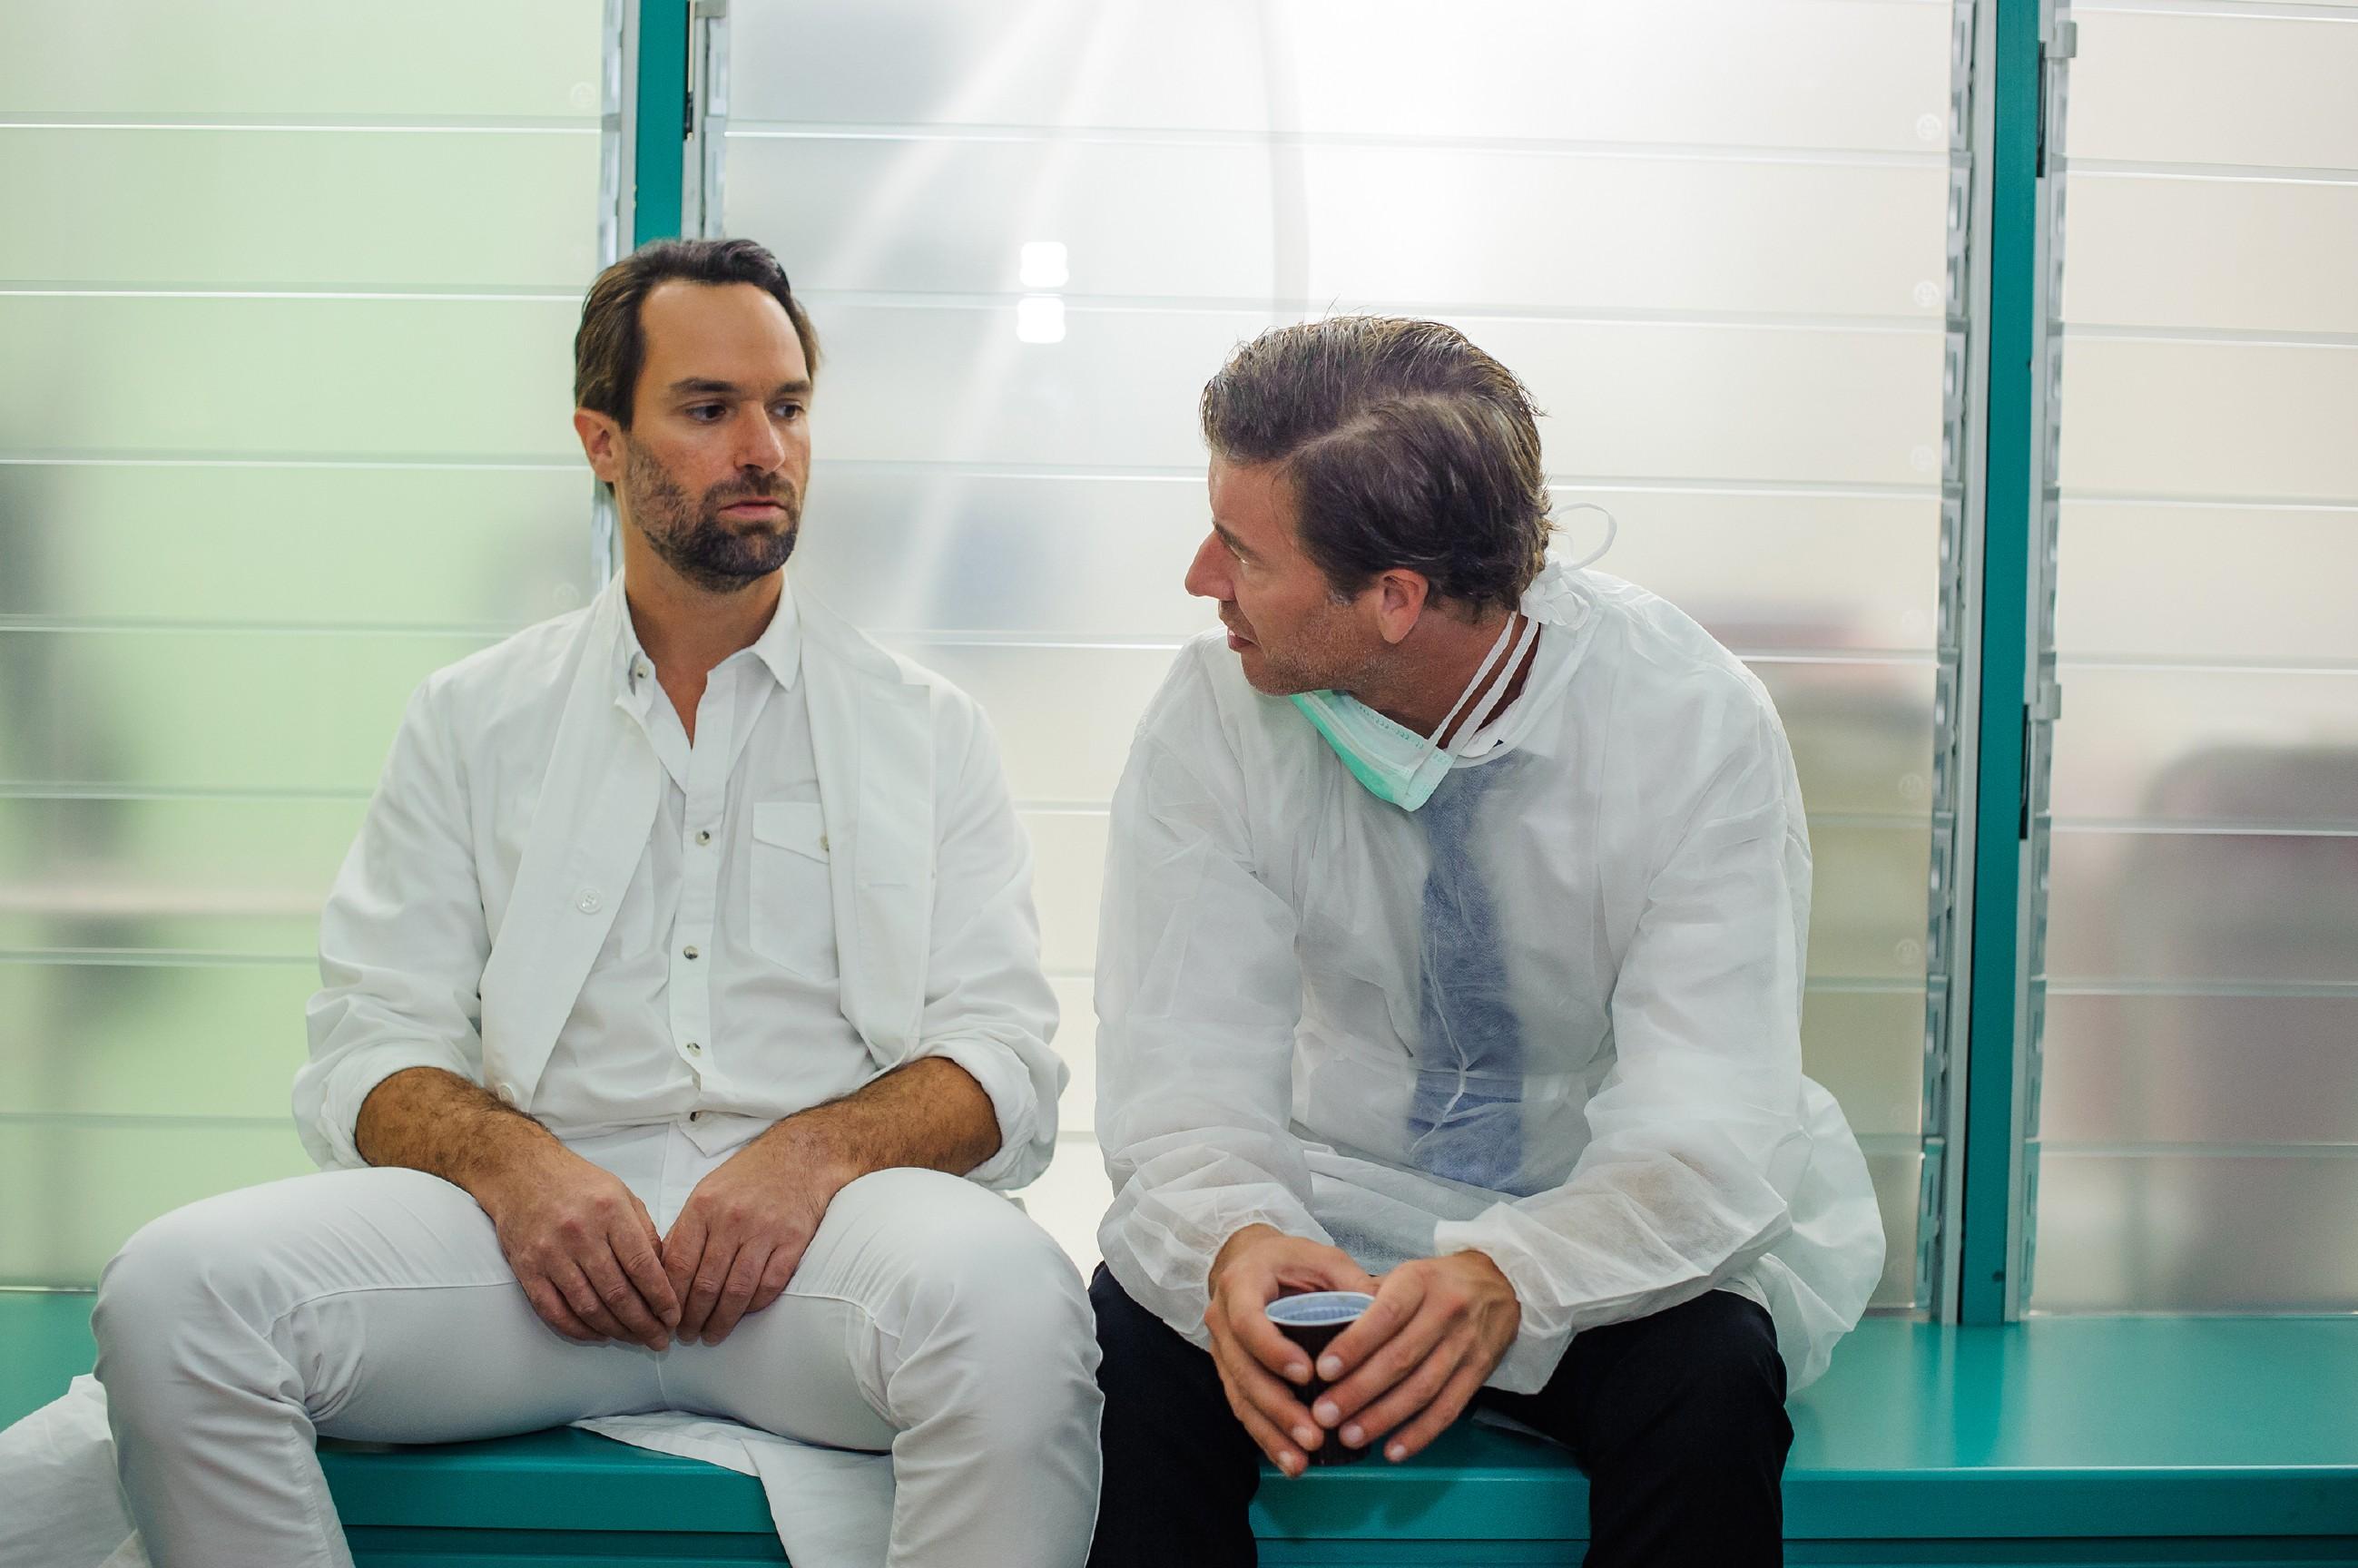 Thomas (Daniel Brockhaus, l.) ist bewusst, wie nervenaufreibend das Warten auch für Christoph (Lars Korten) sein muss. (Quelle: RTL / Julia Feldhagen)